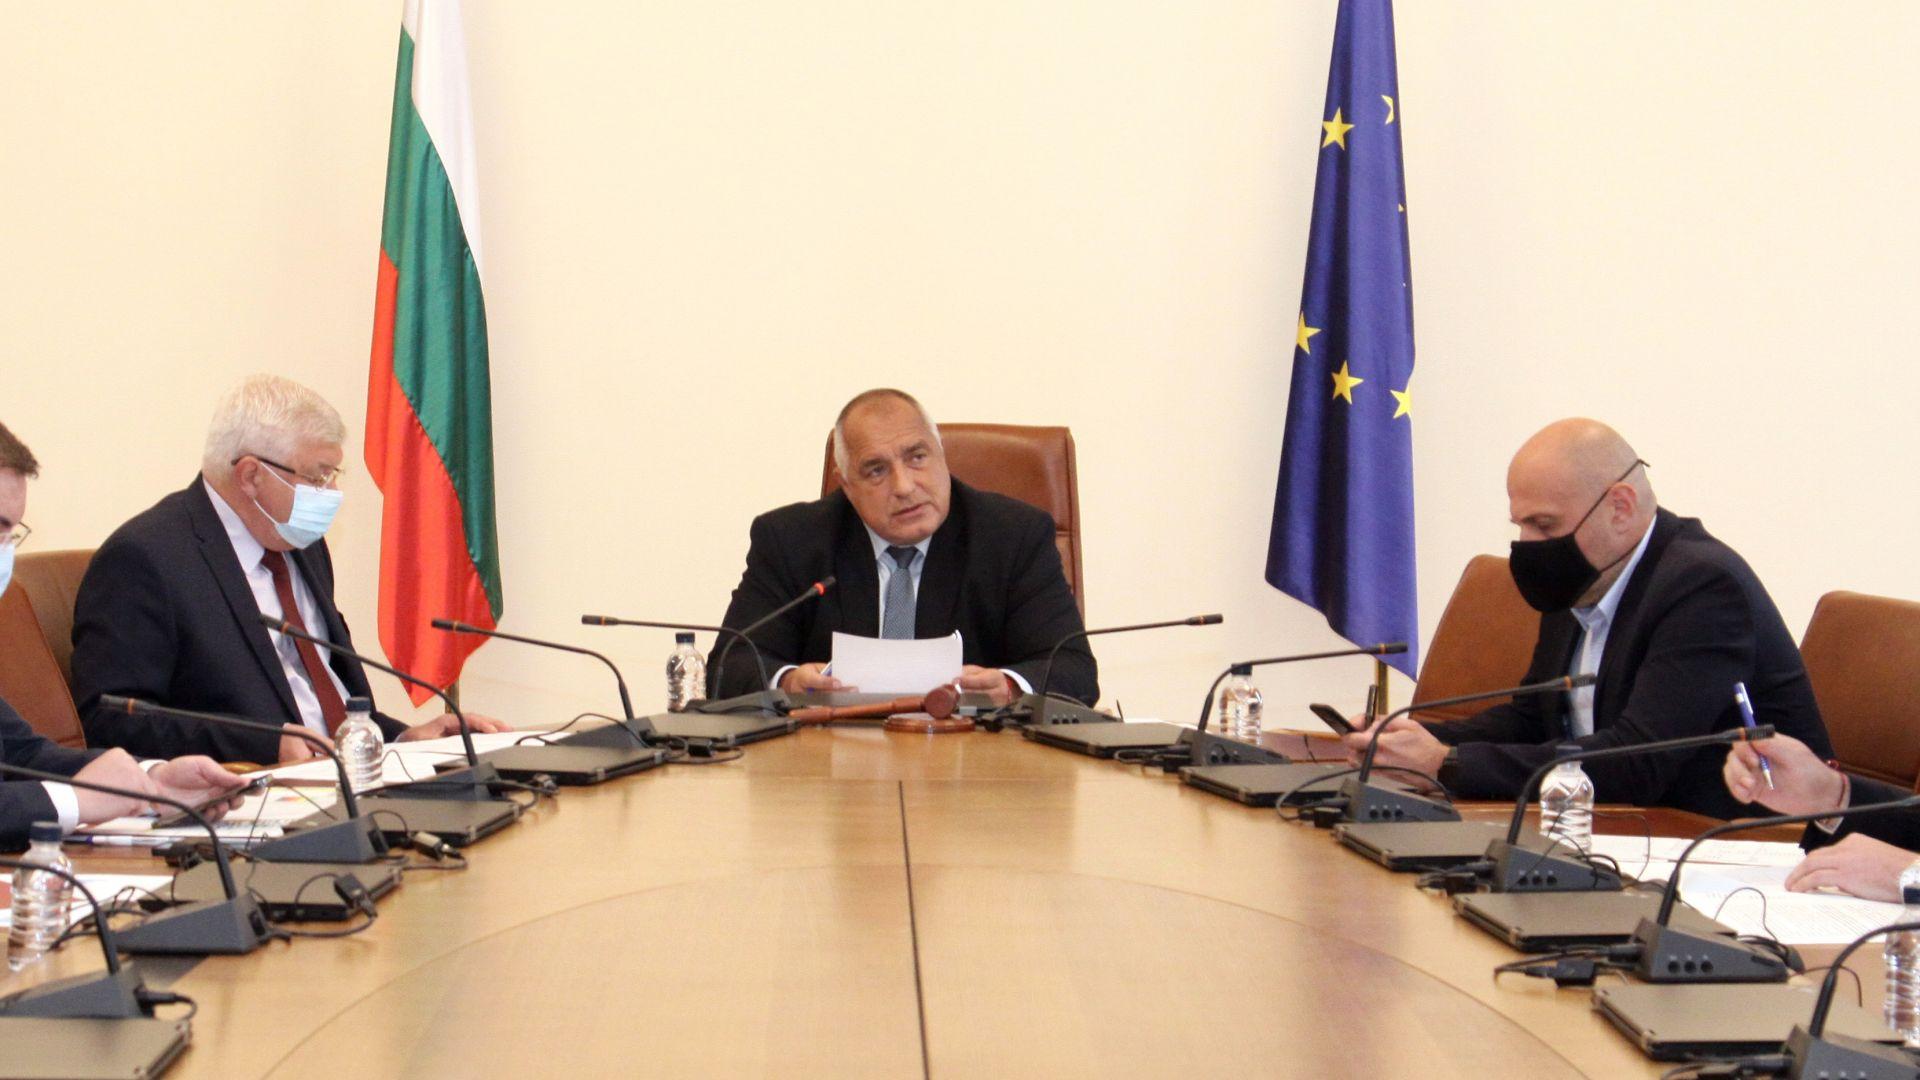 Борисов: НАТО е солидарна с България за Русия, Радев мълчи за Навални и шпионите